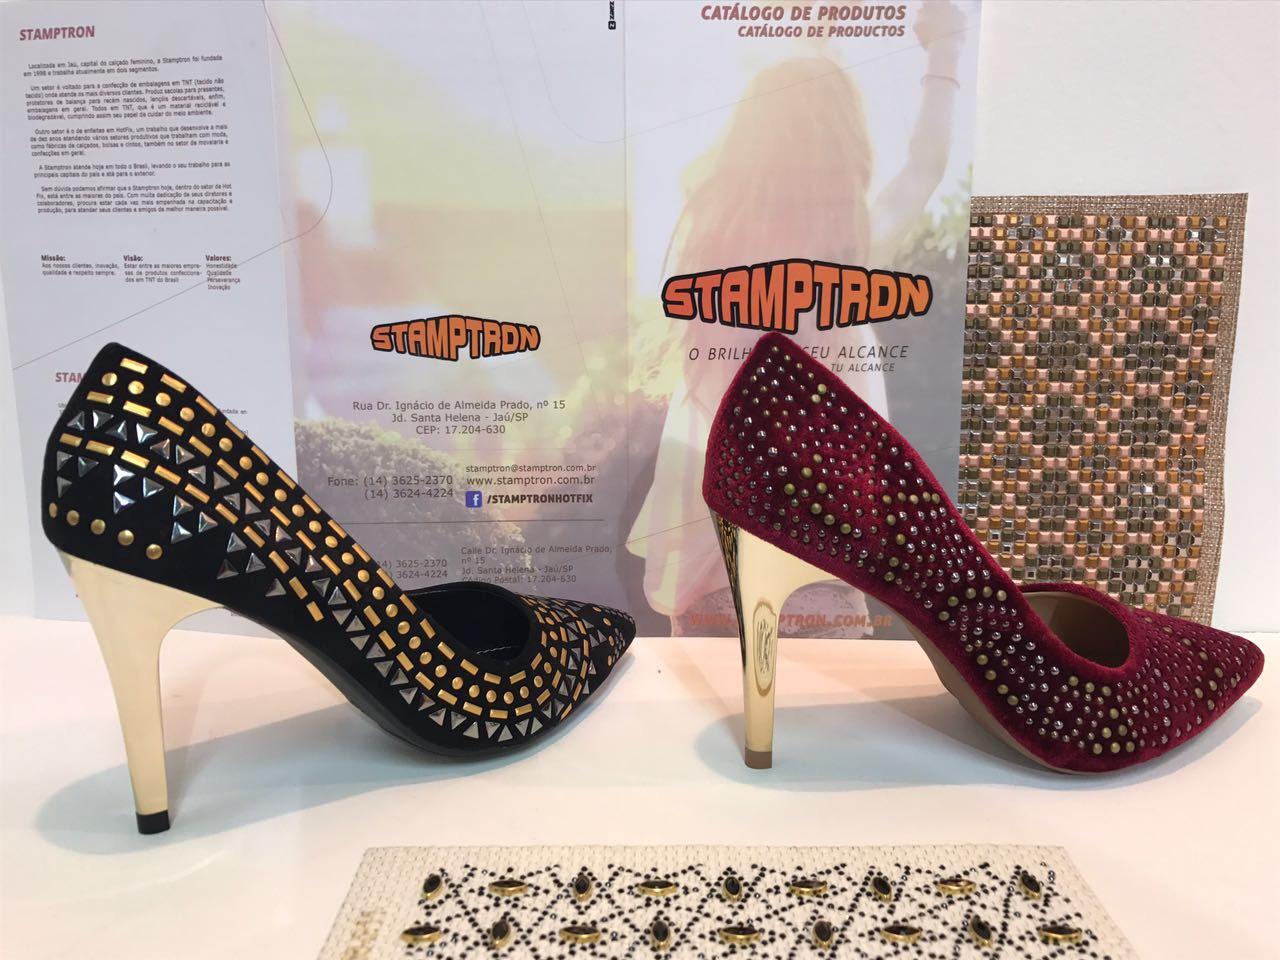 110a1e76d Sobre. Stamptron Atualmente conta com dois setores distintos em suas  instalações: Enfeites em HOTFIX que podem ser aplicados em calçados e ...